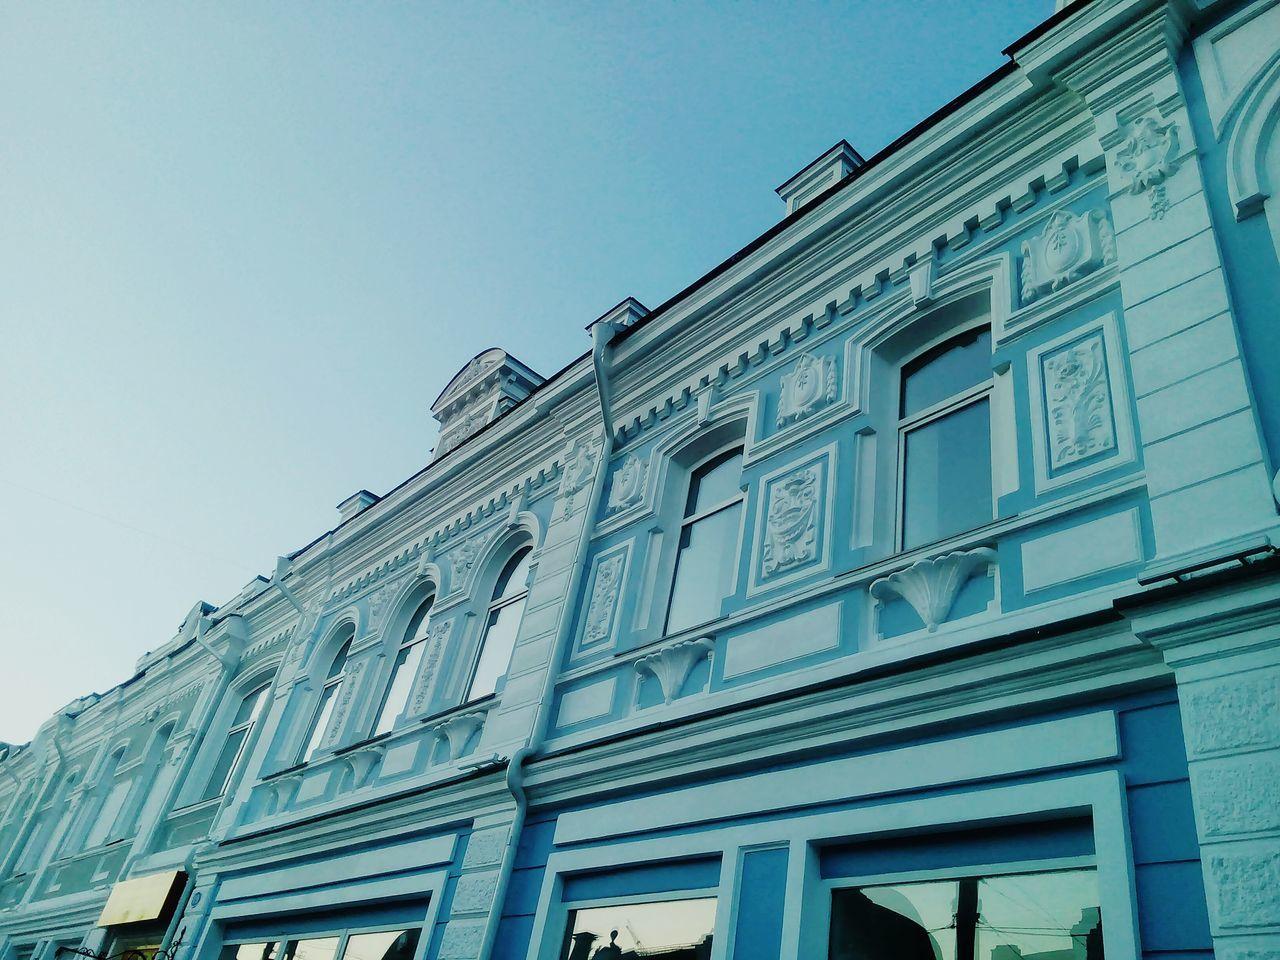 архетектура старинные усадьбы Необычноефото💁🏽 голубое небо First Eyeem Photo